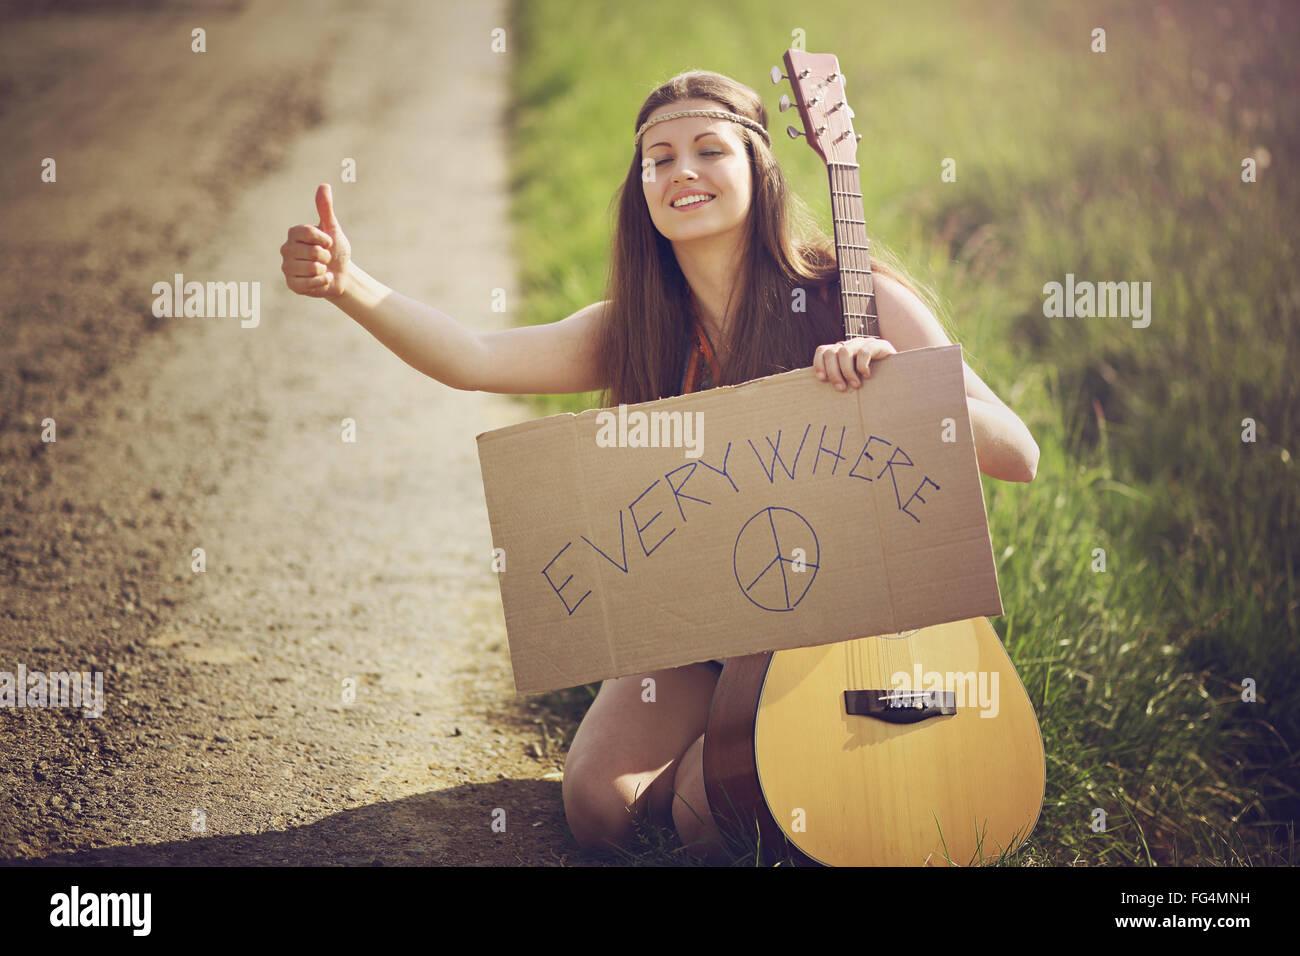 Hippie donna su una strada di campagna sollevatore-escursionismo . Viaggi e libertà Immagini Stock